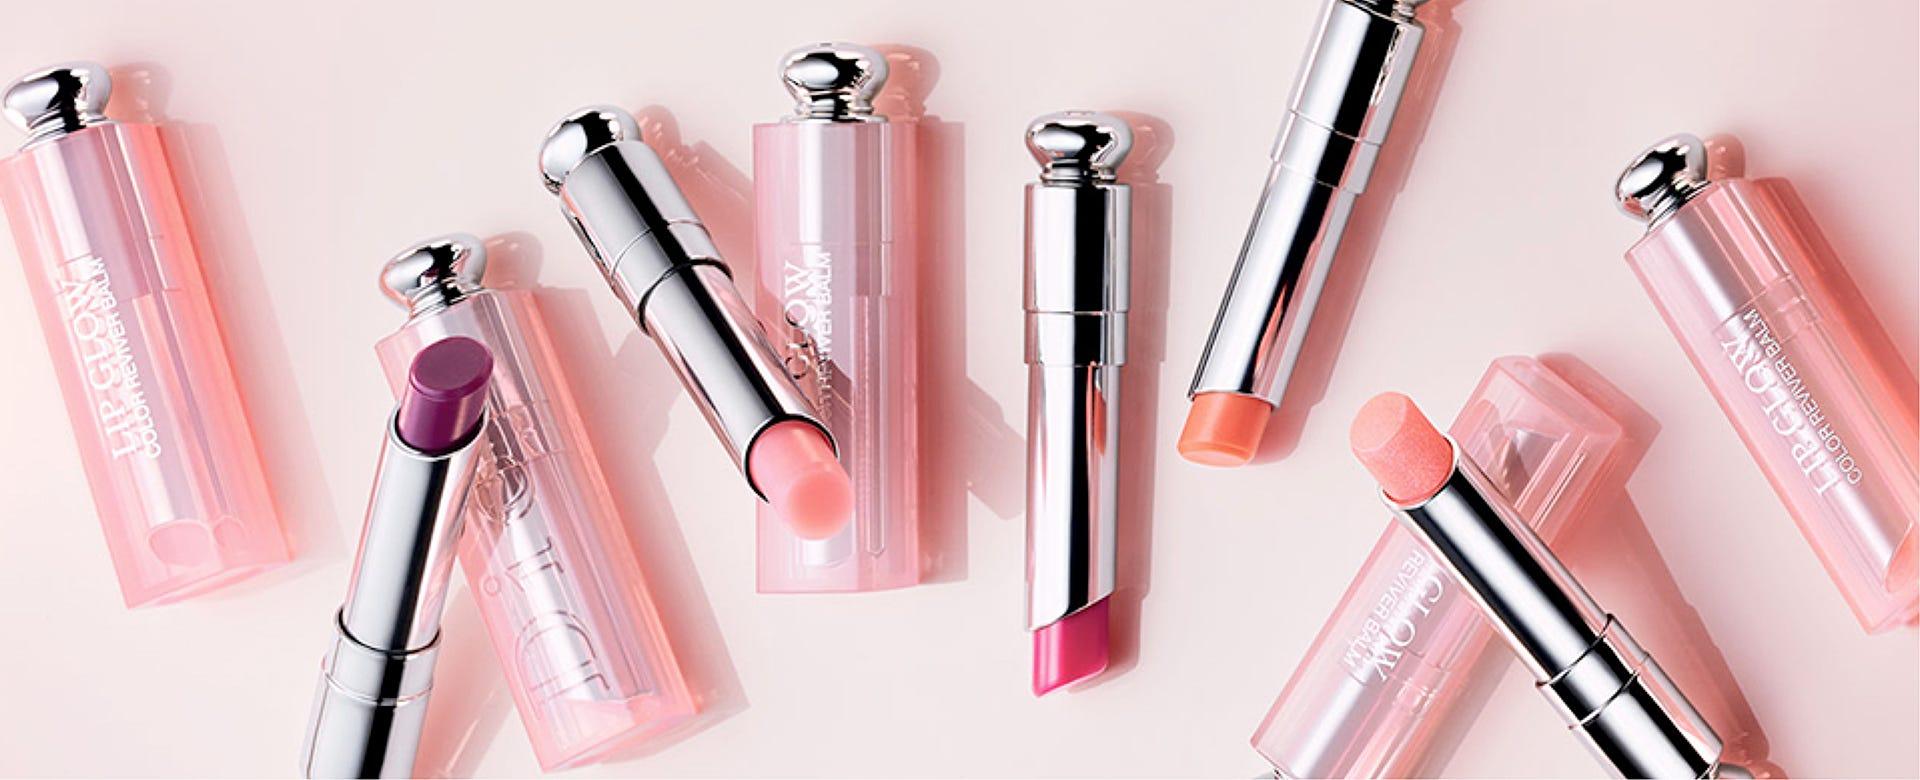 Naima - Make-up